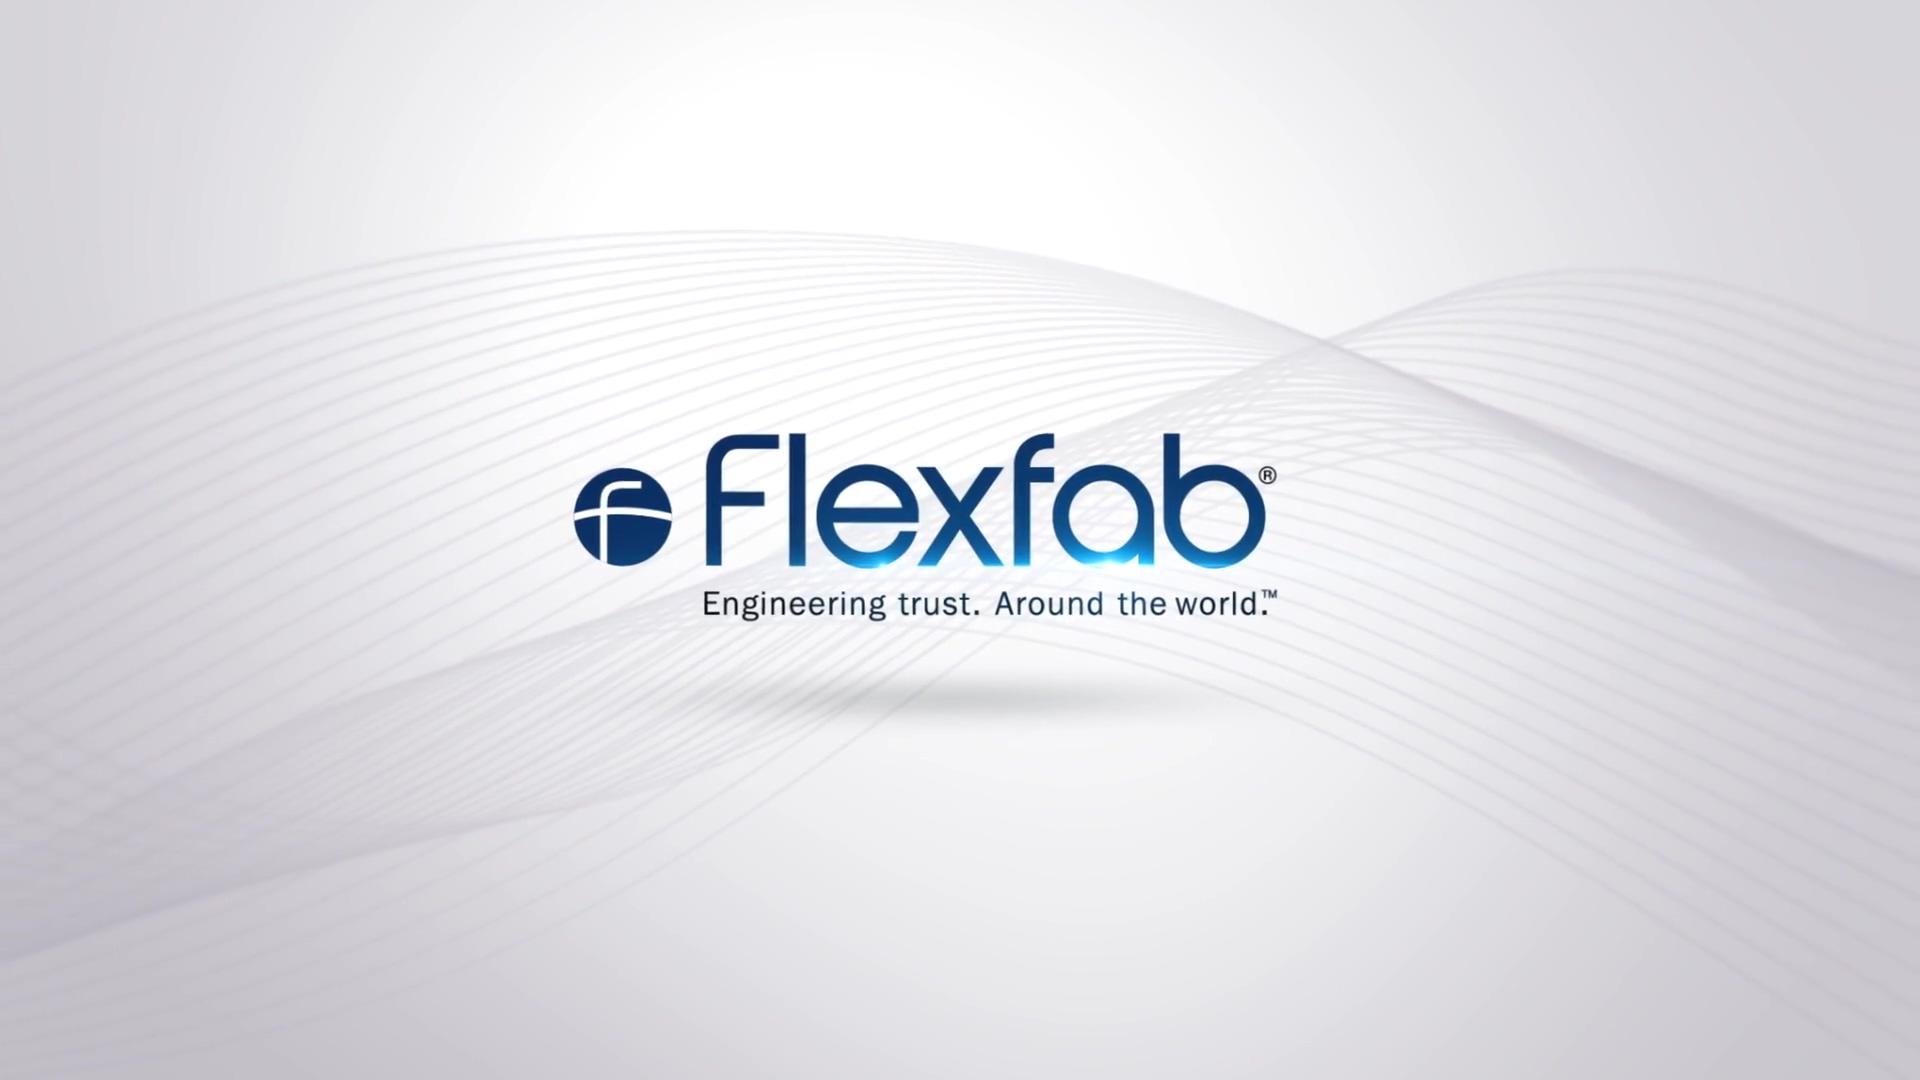 flexfab-mp4